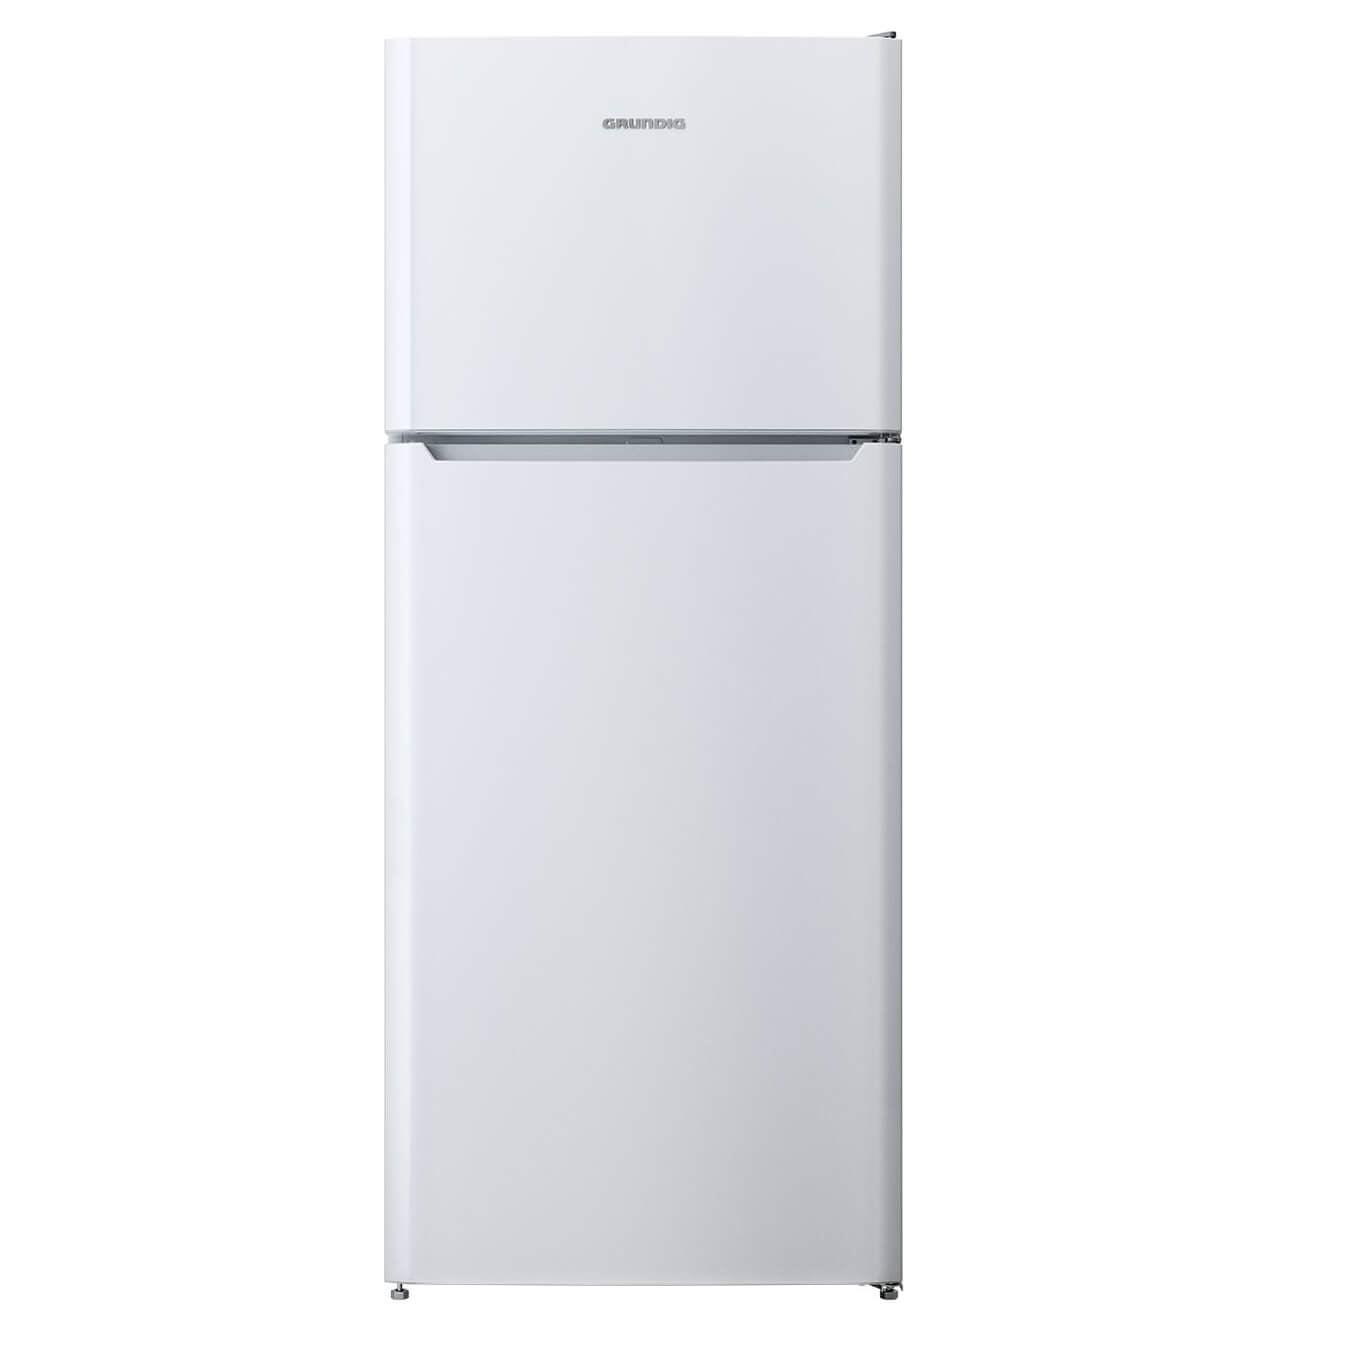 Grundig GRNE 4301 buzdolabi